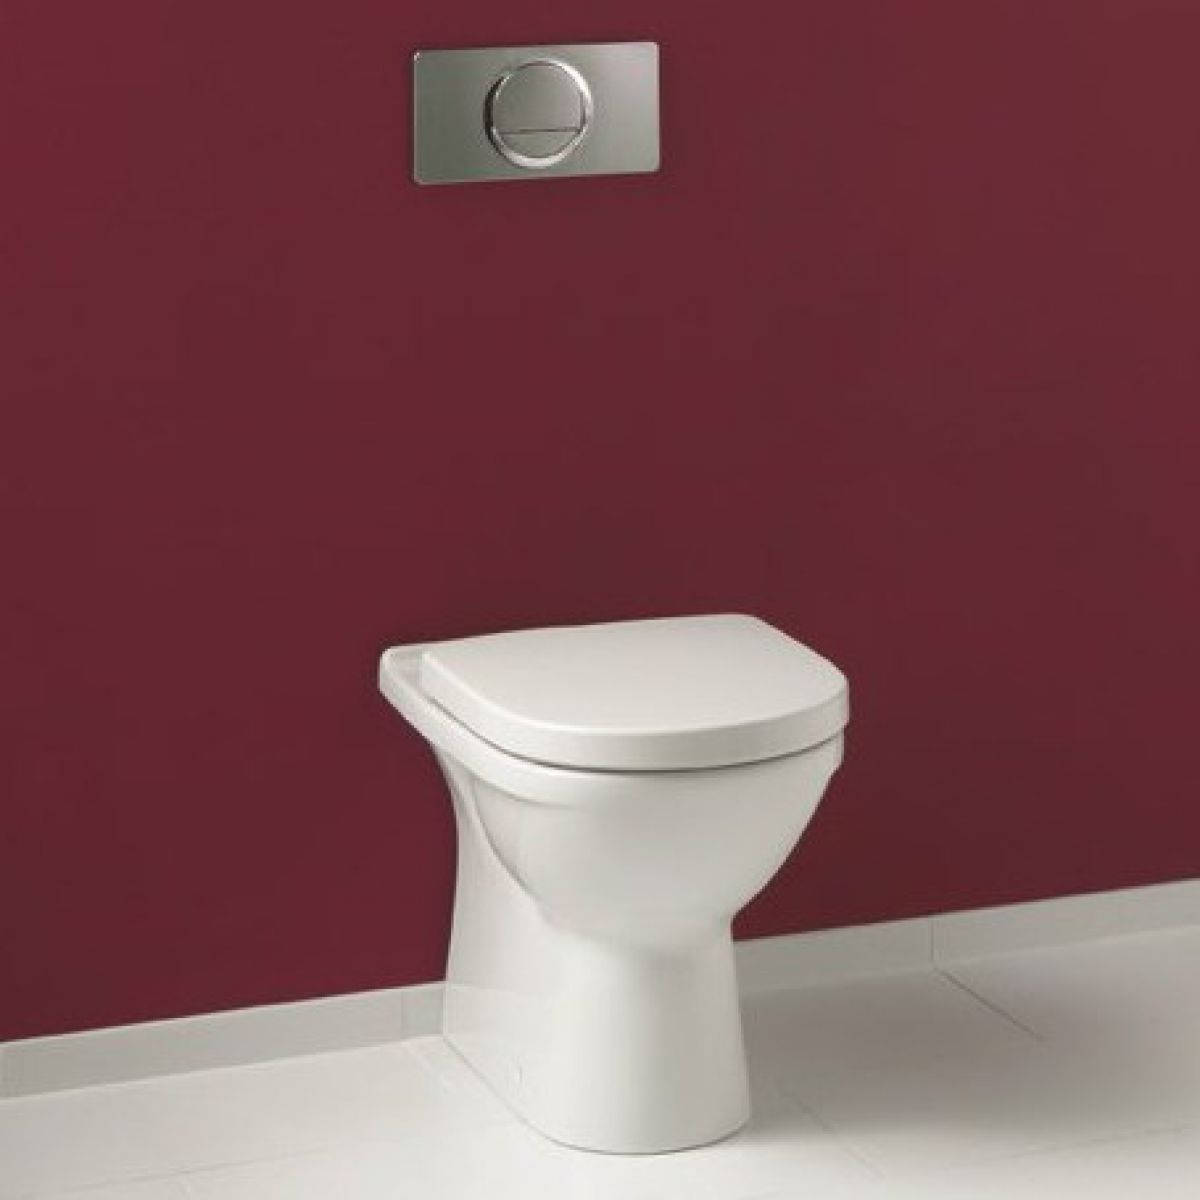 Hervorragend Villeroy & Boch O.Novo Back to Wall Toilet : UK Bathrooms DM49